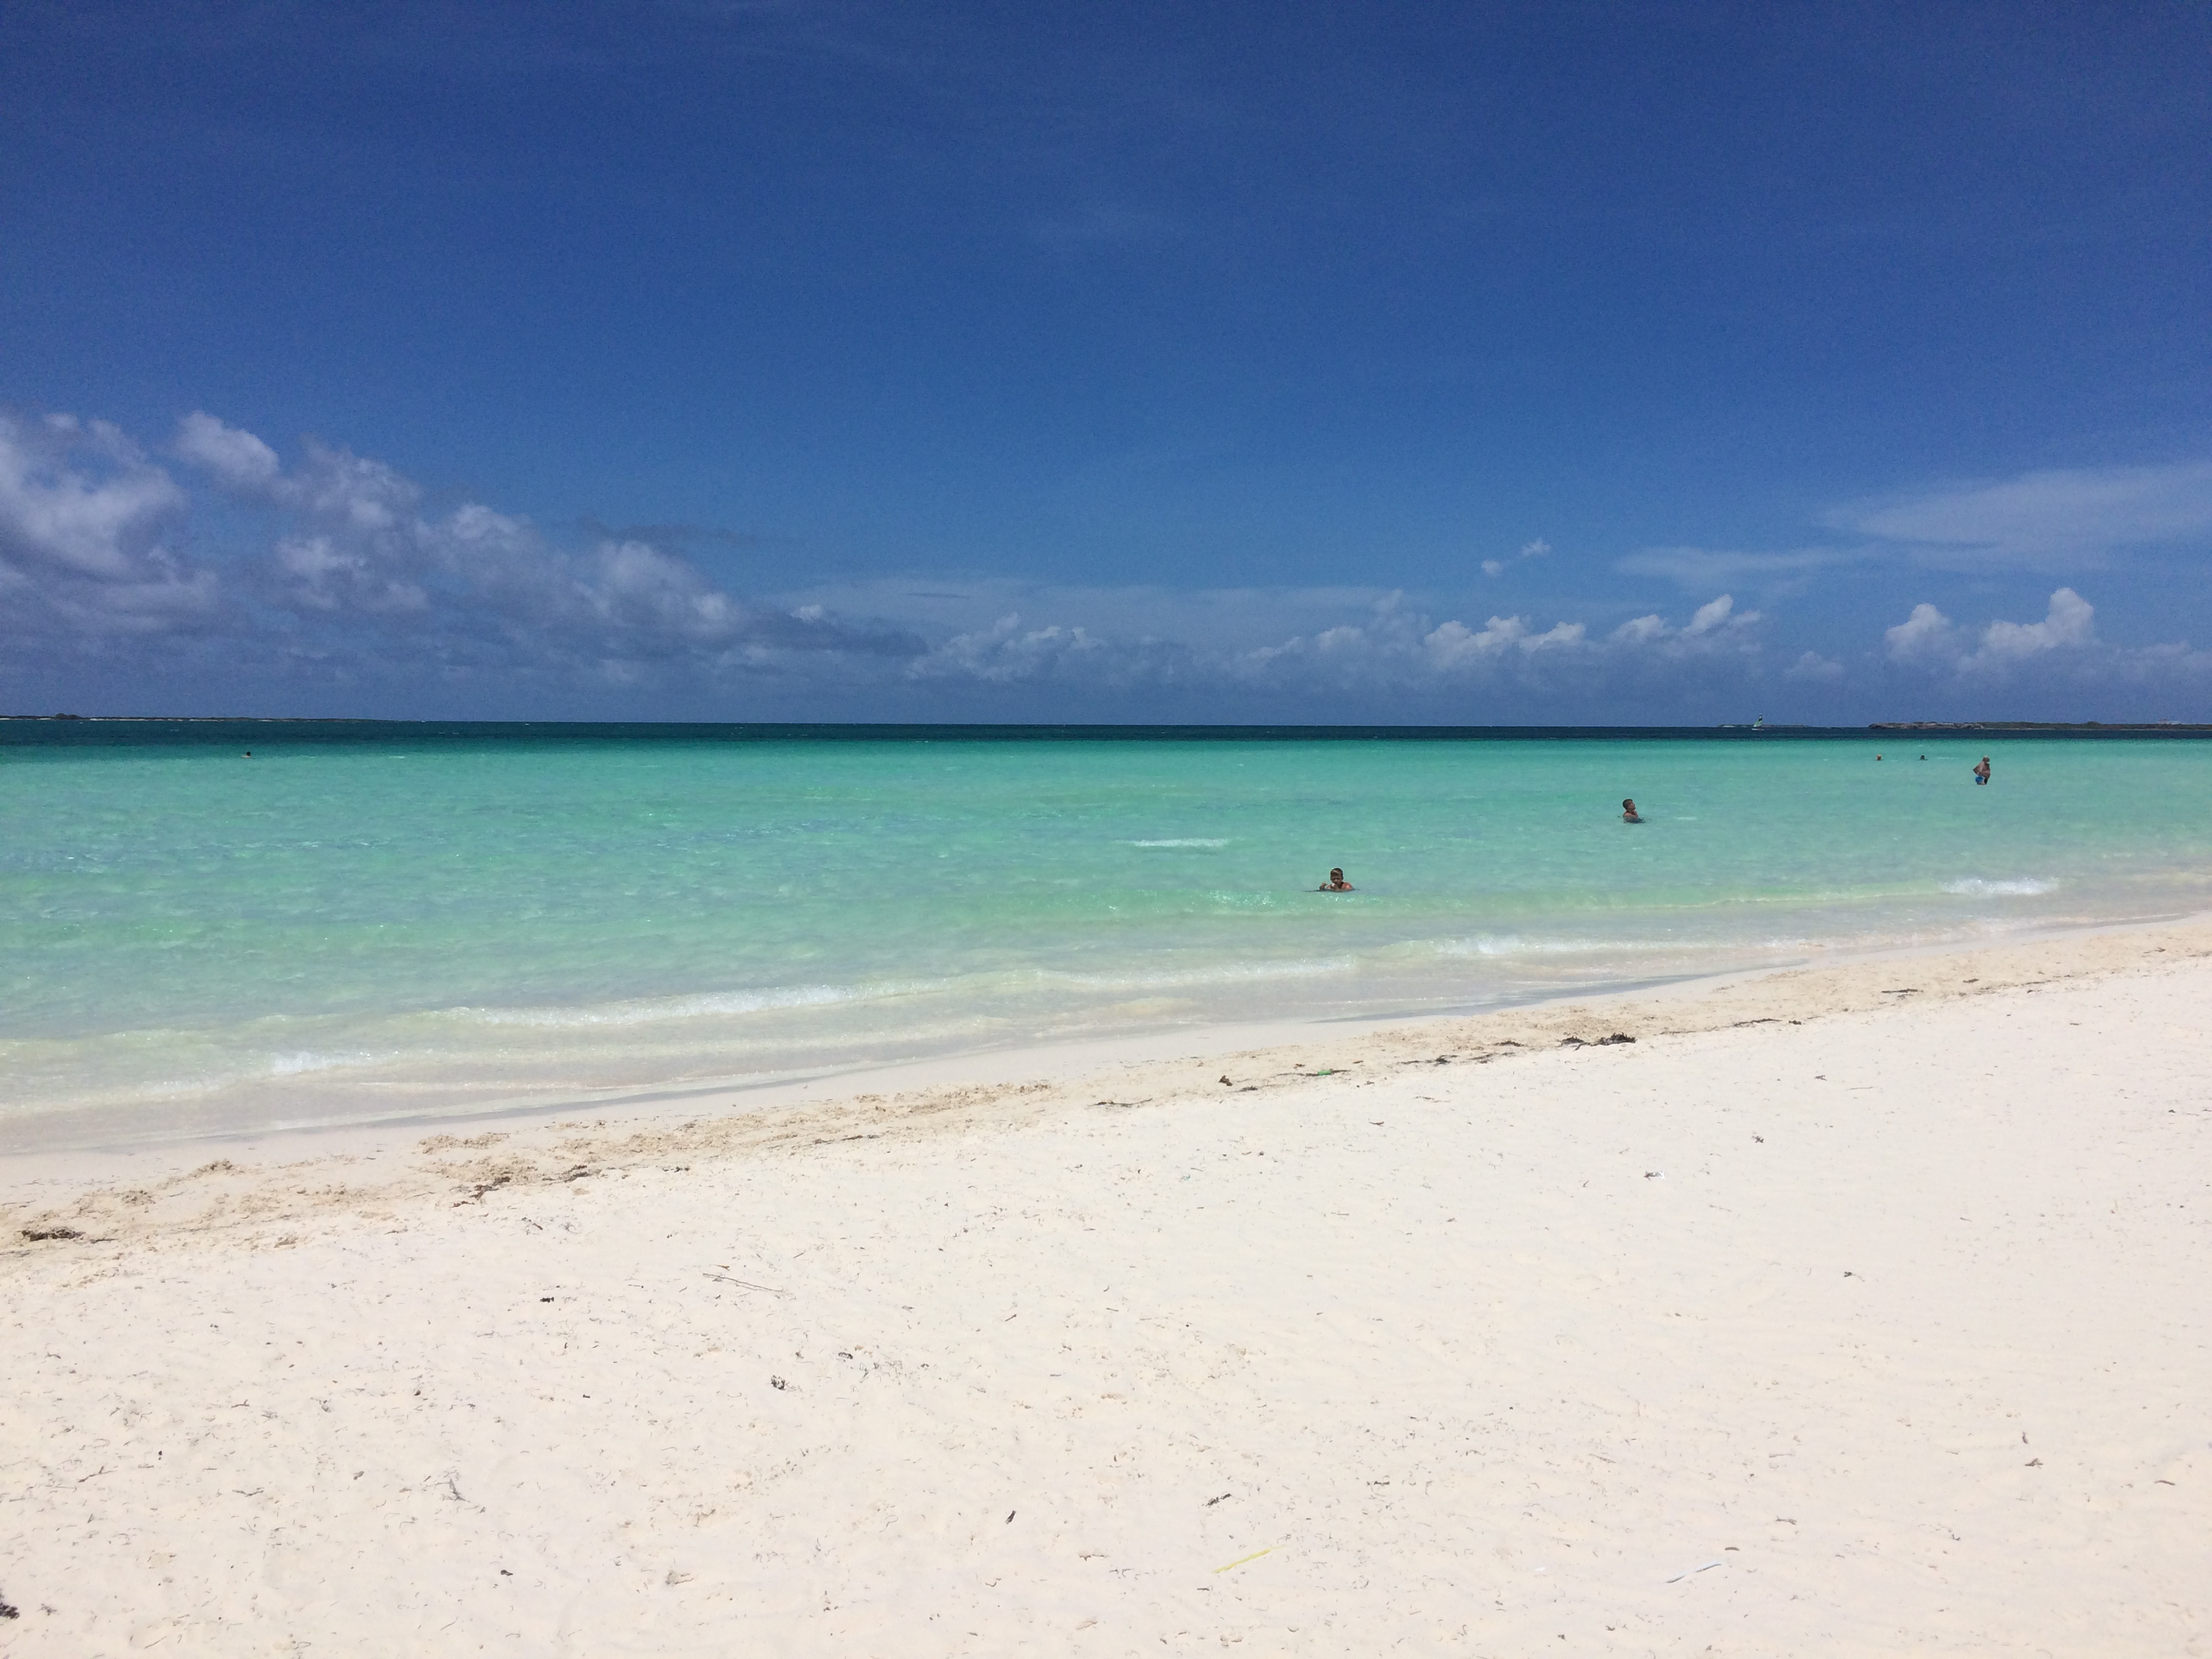 Il mare di Cuba: una esperienza che ti cambierà la vita